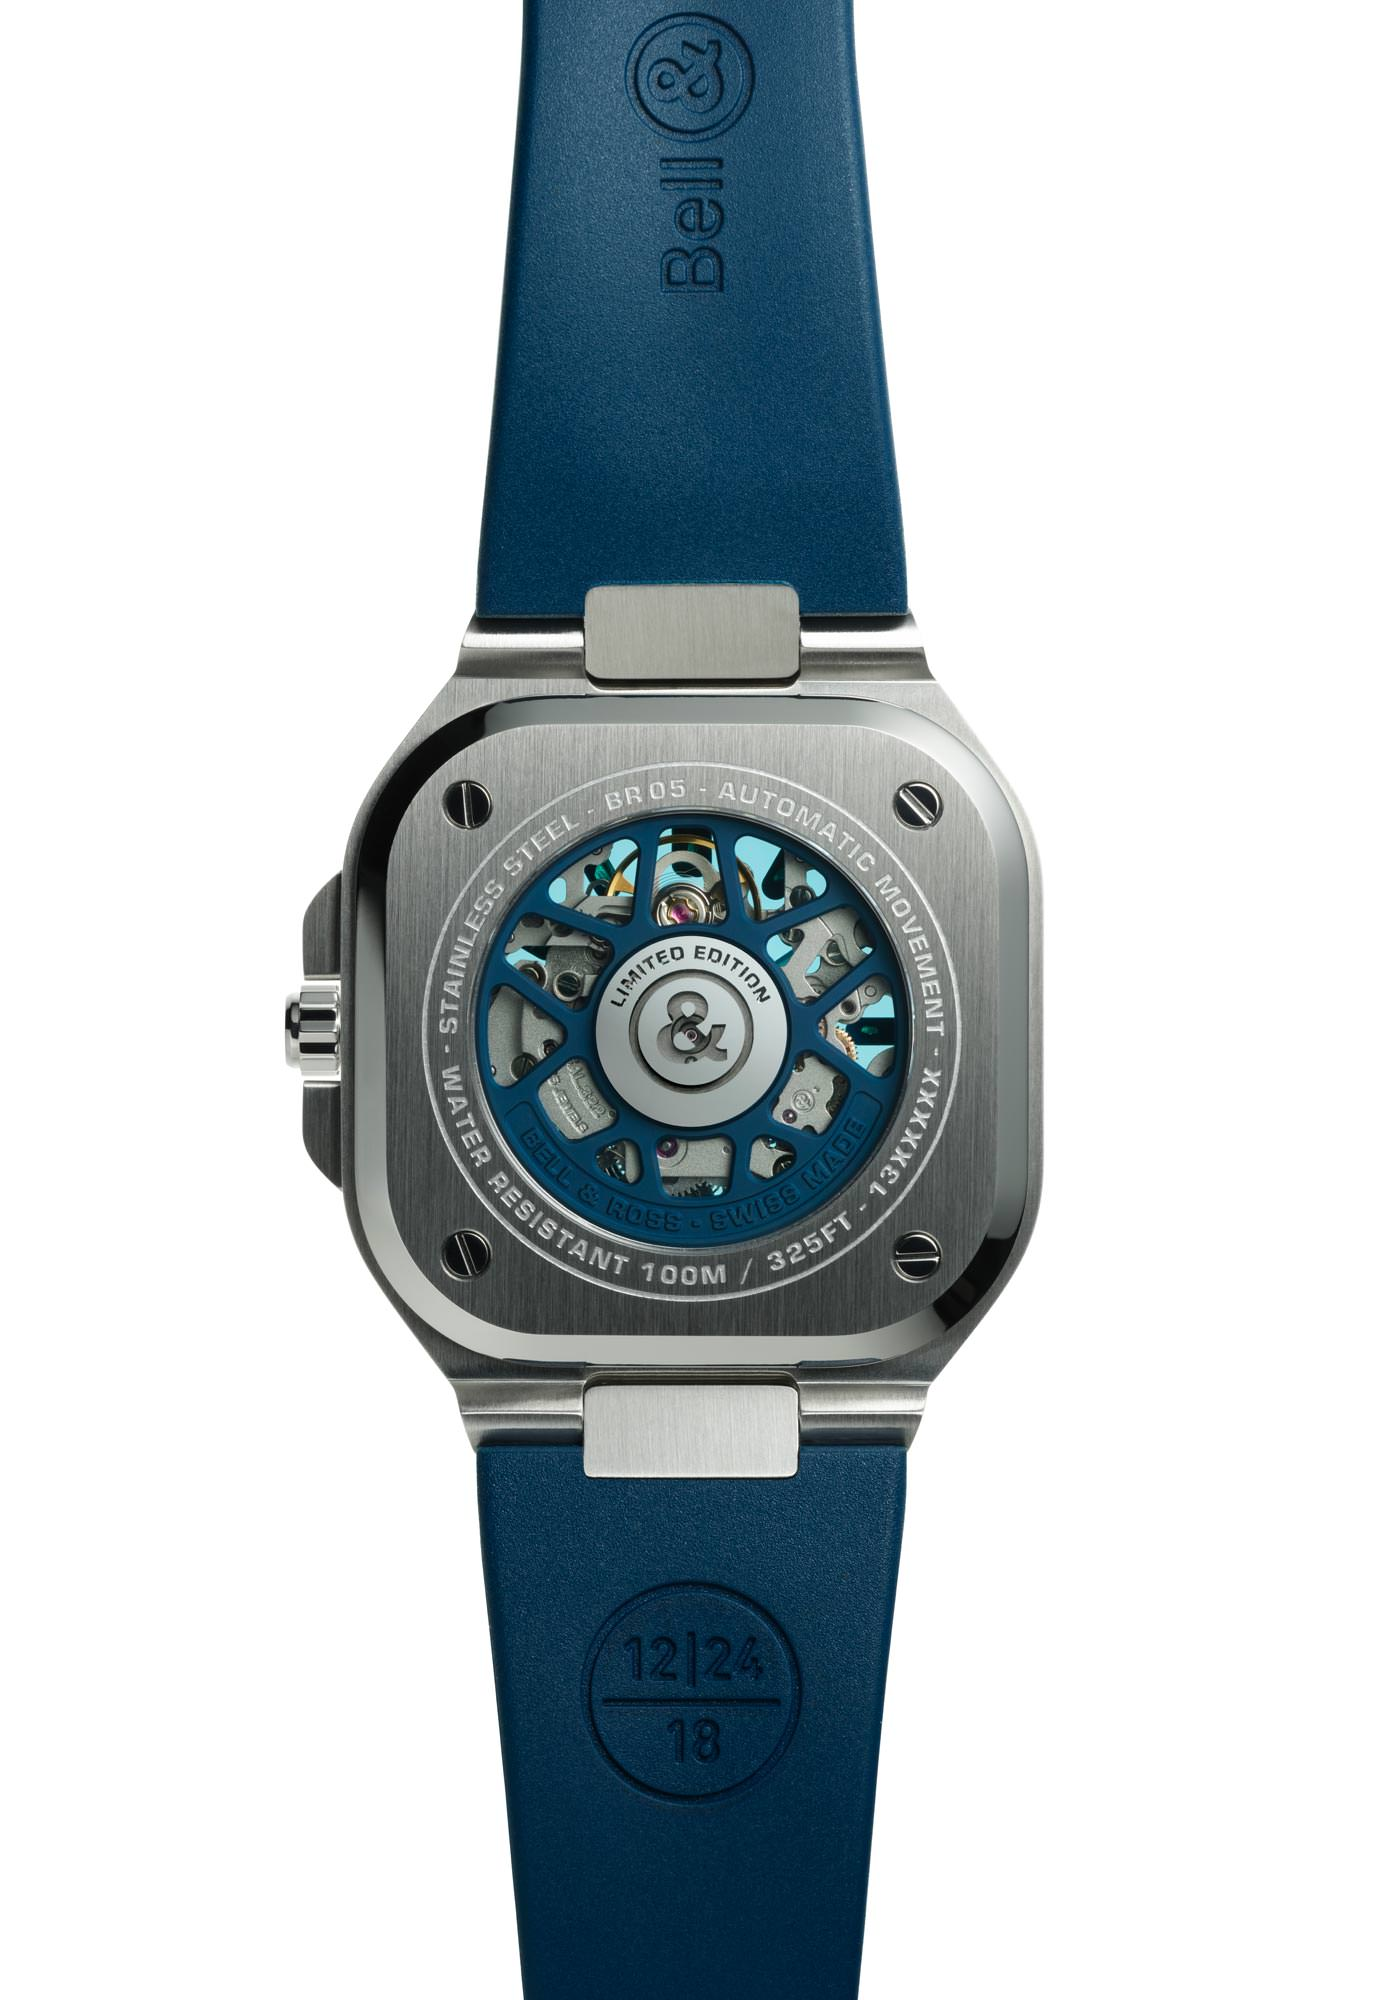 Bell & Ross Nouveaux Modèles Collection BR05 Automatic Sketelon Blue Rubber